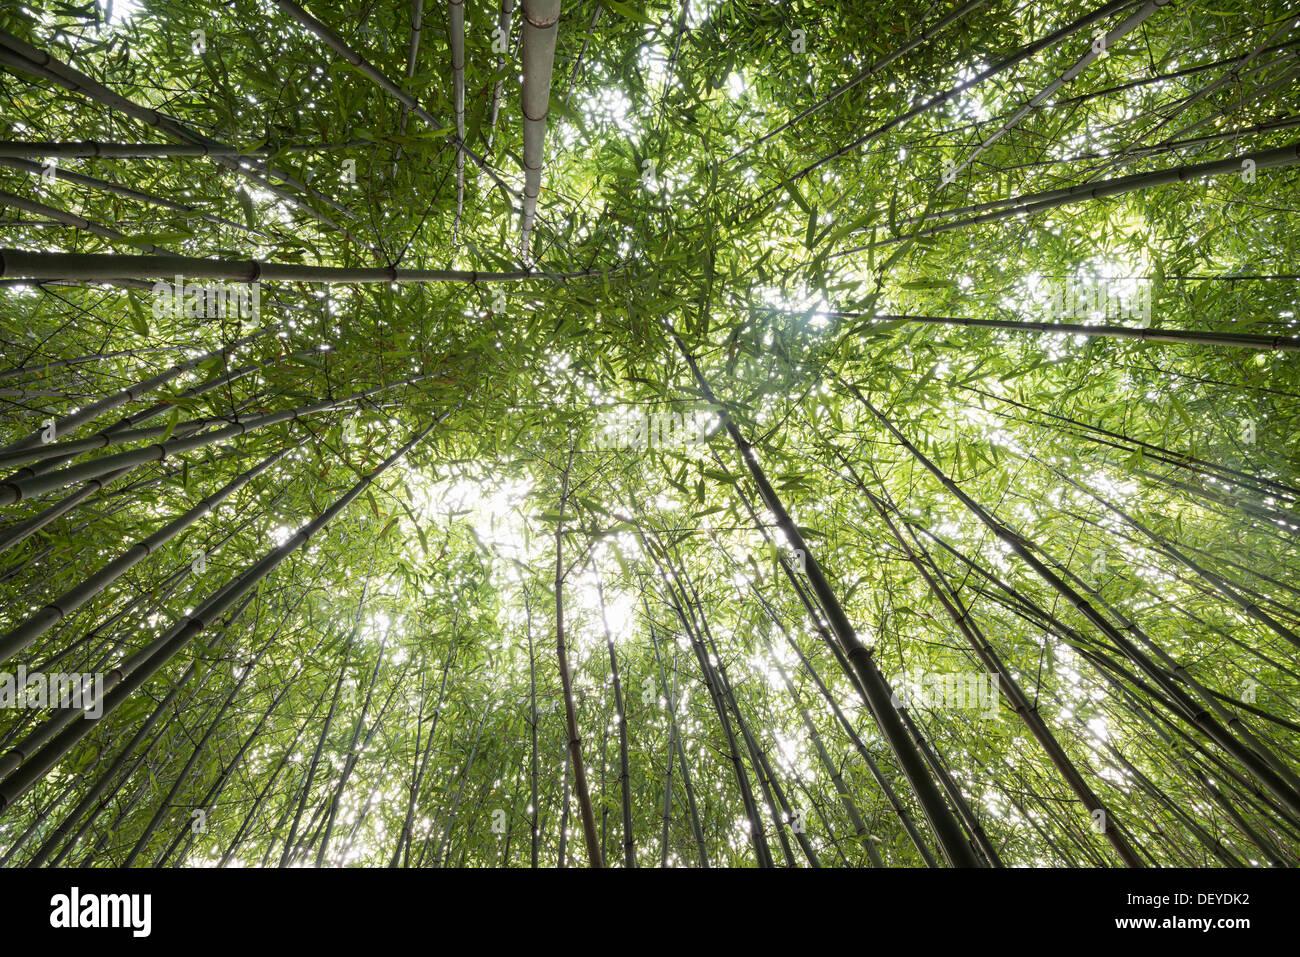 Bamboo grove, la perspective d'en bas, forêt de bambous, près de Freiburg im Breisgau, Forêt-Noire, Bade-Wurtemberg Photo Stock